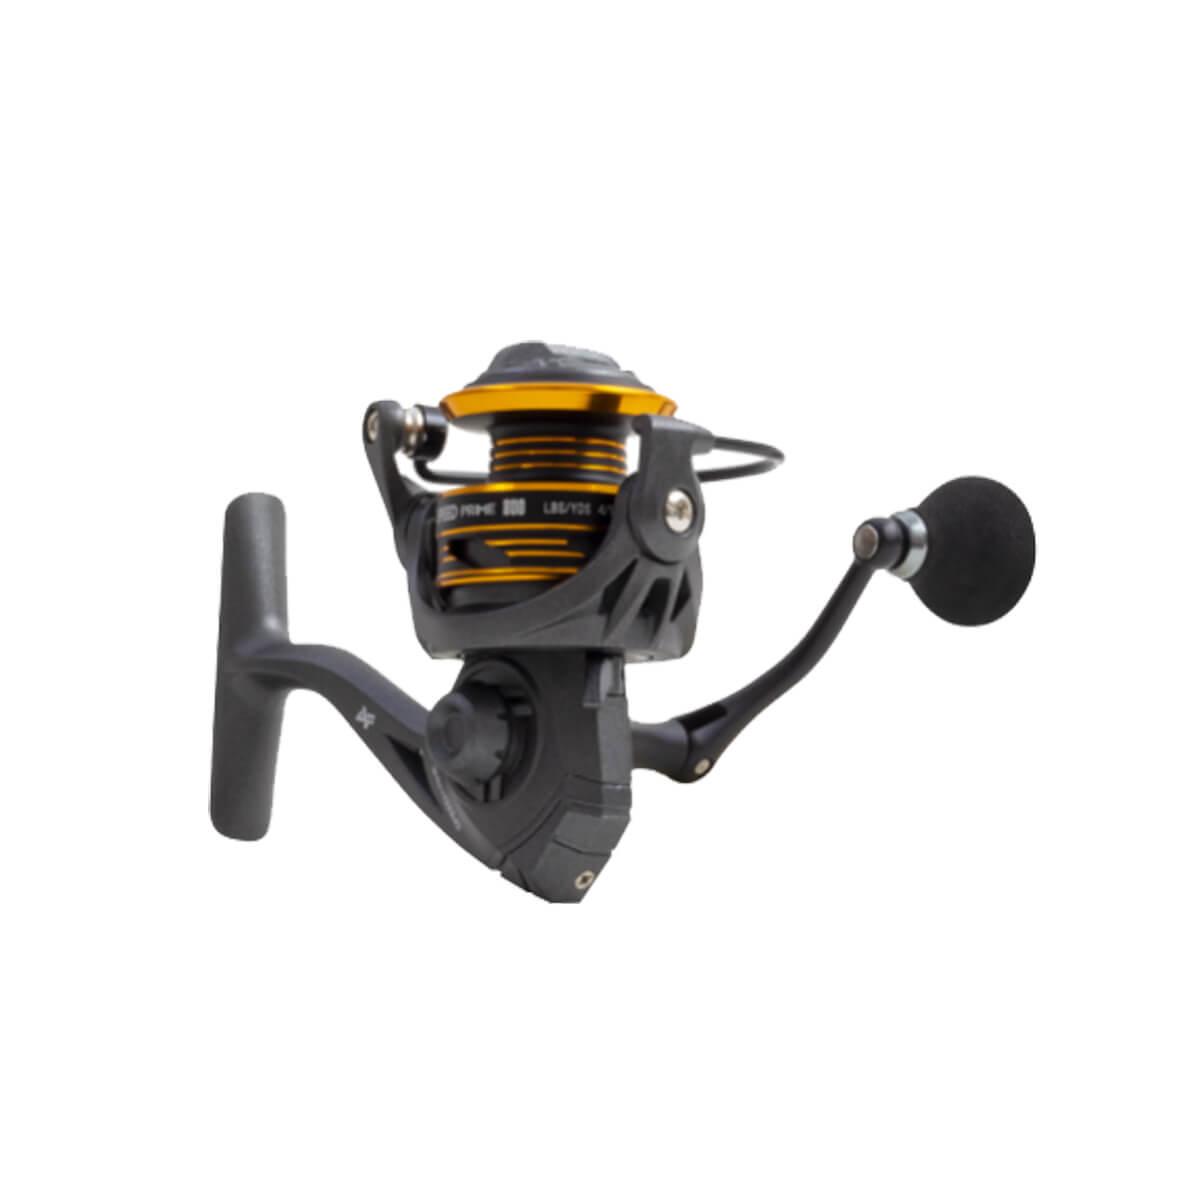 Molinete Albatroz Speed Prime 500